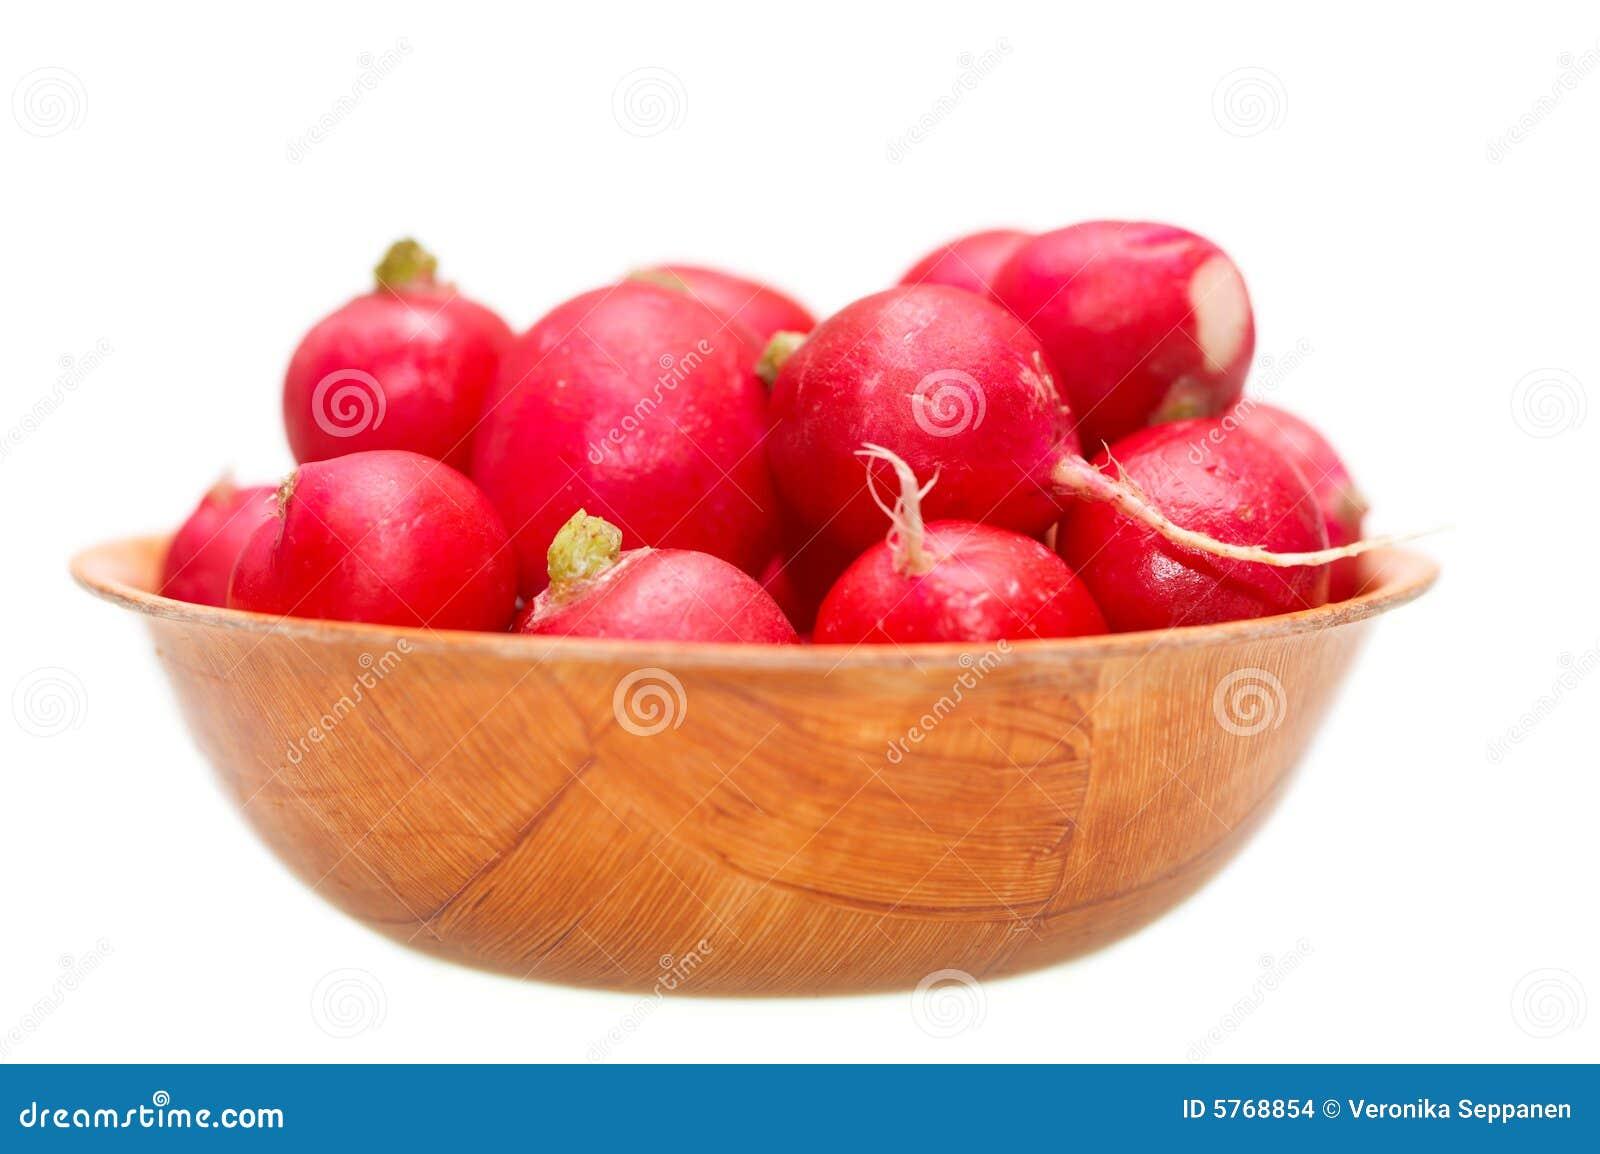 Fresh garden radish